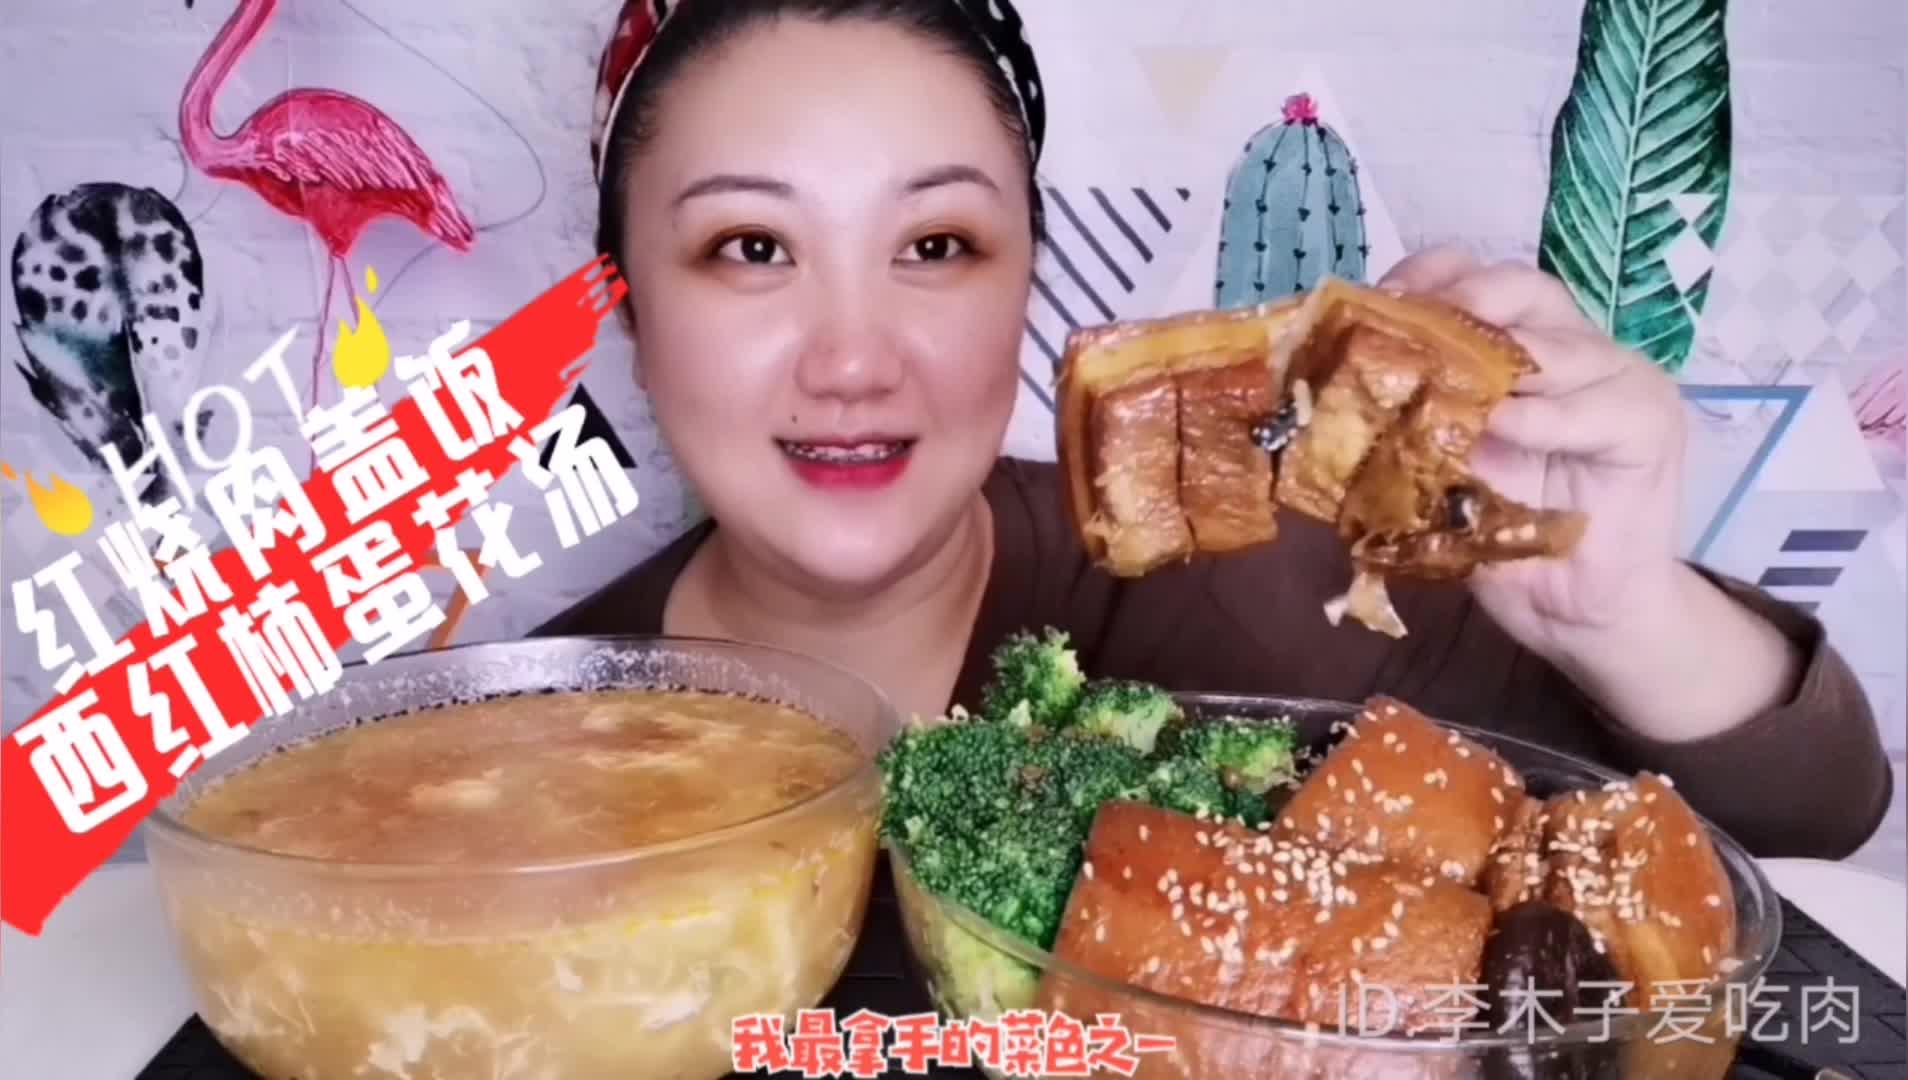 香喷喷秘制大块红烧肉盖饭,美味西红柿蛋花汤,大口大口吃肉啦